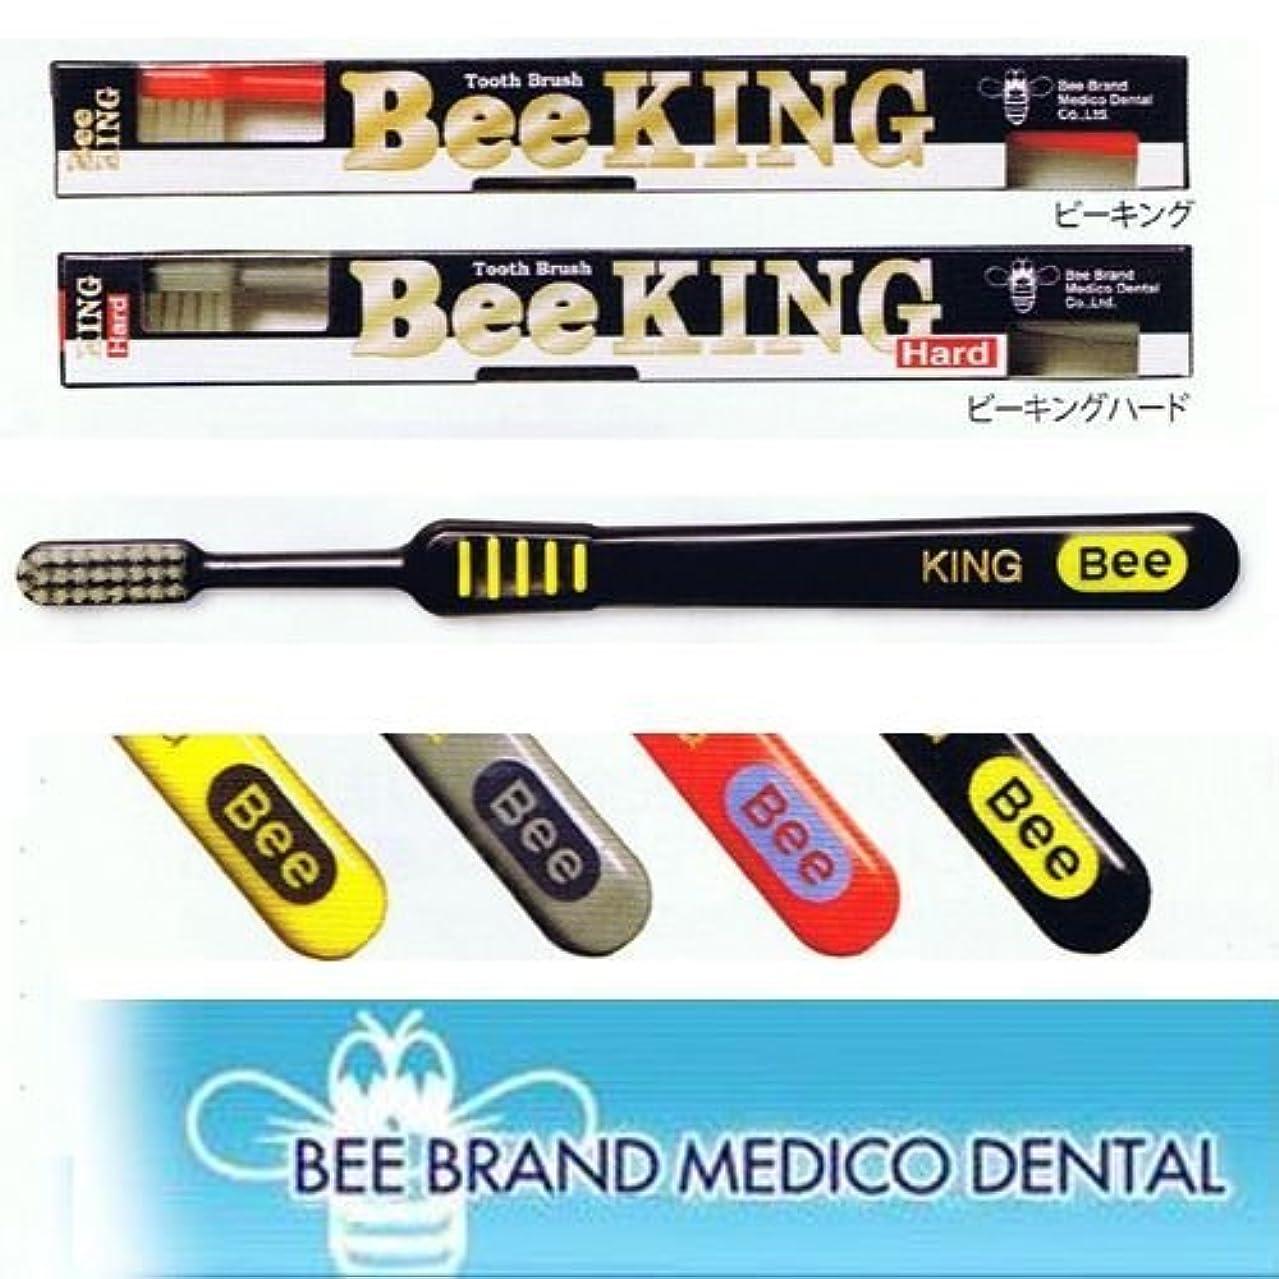 クロニクル間違えた説得力のあるBeeBrand Dr.BEE 歯ブラシ キング ふつう